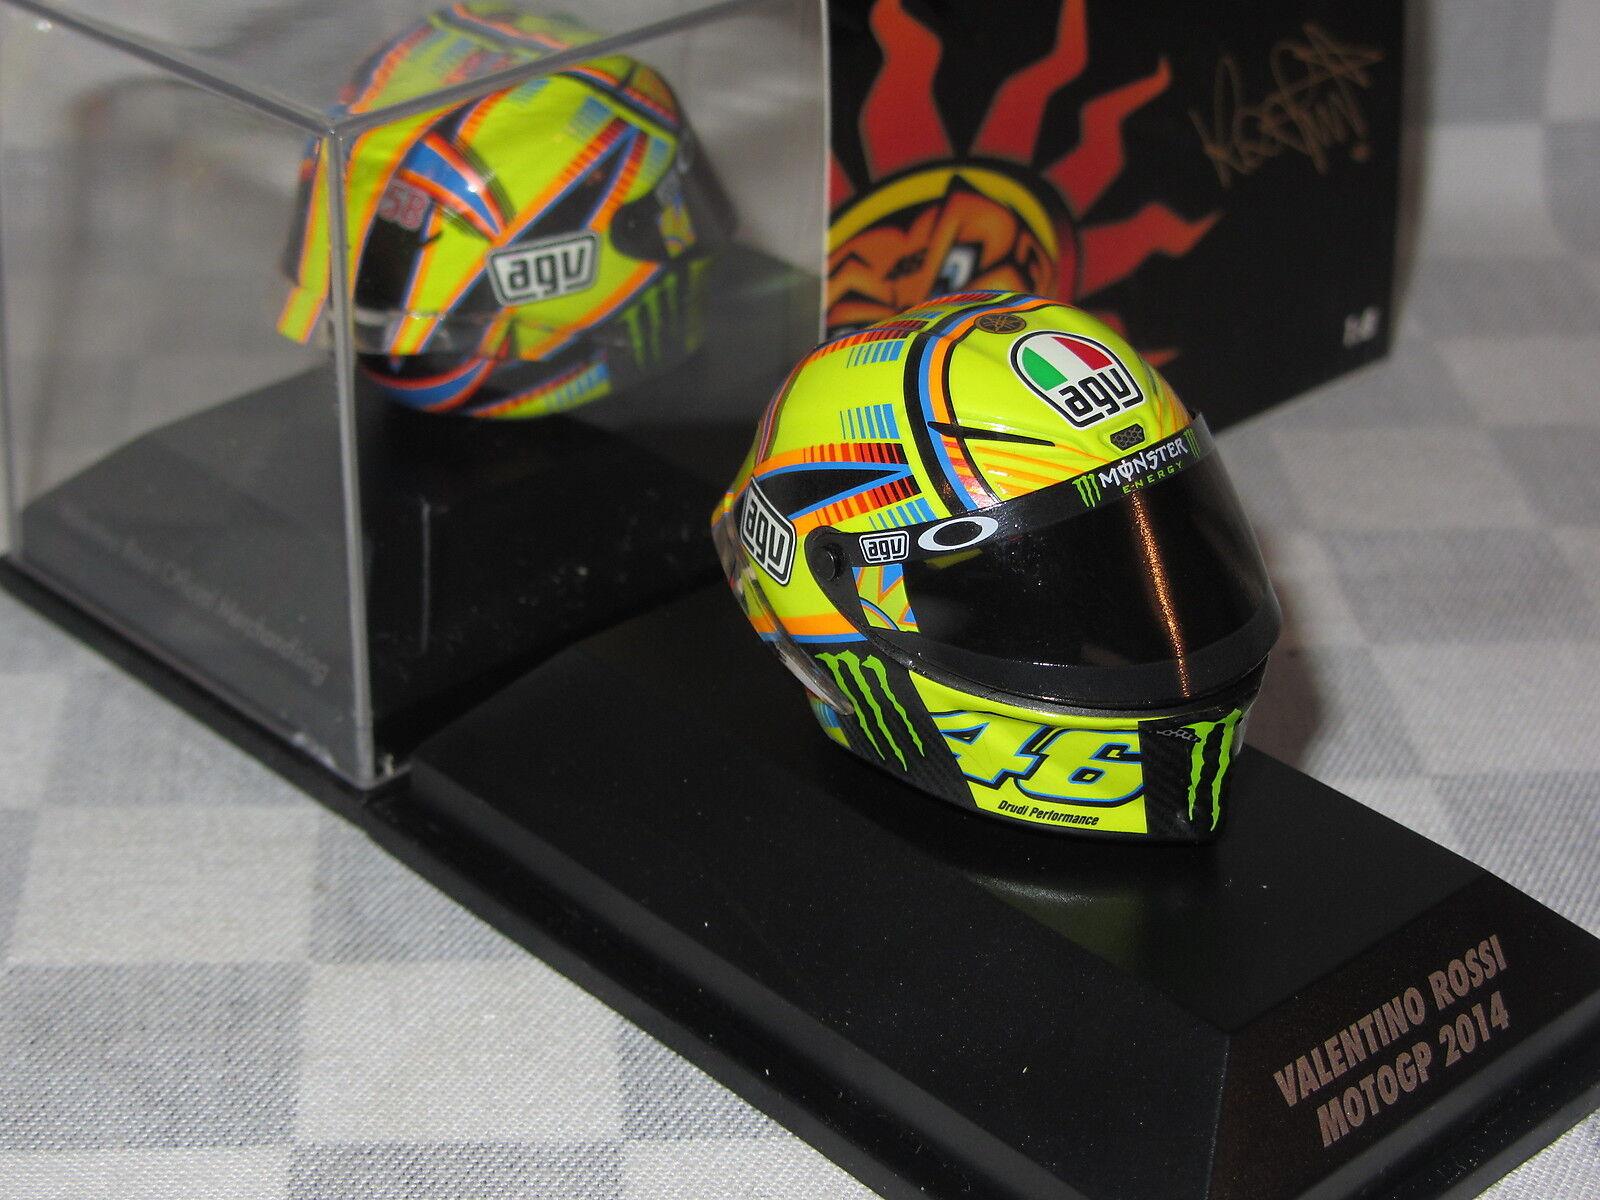 1 8 MINICHAMPS AGV REPLICA HELMET VALENTINO ROSSI MOTO GP 2014  398 140046